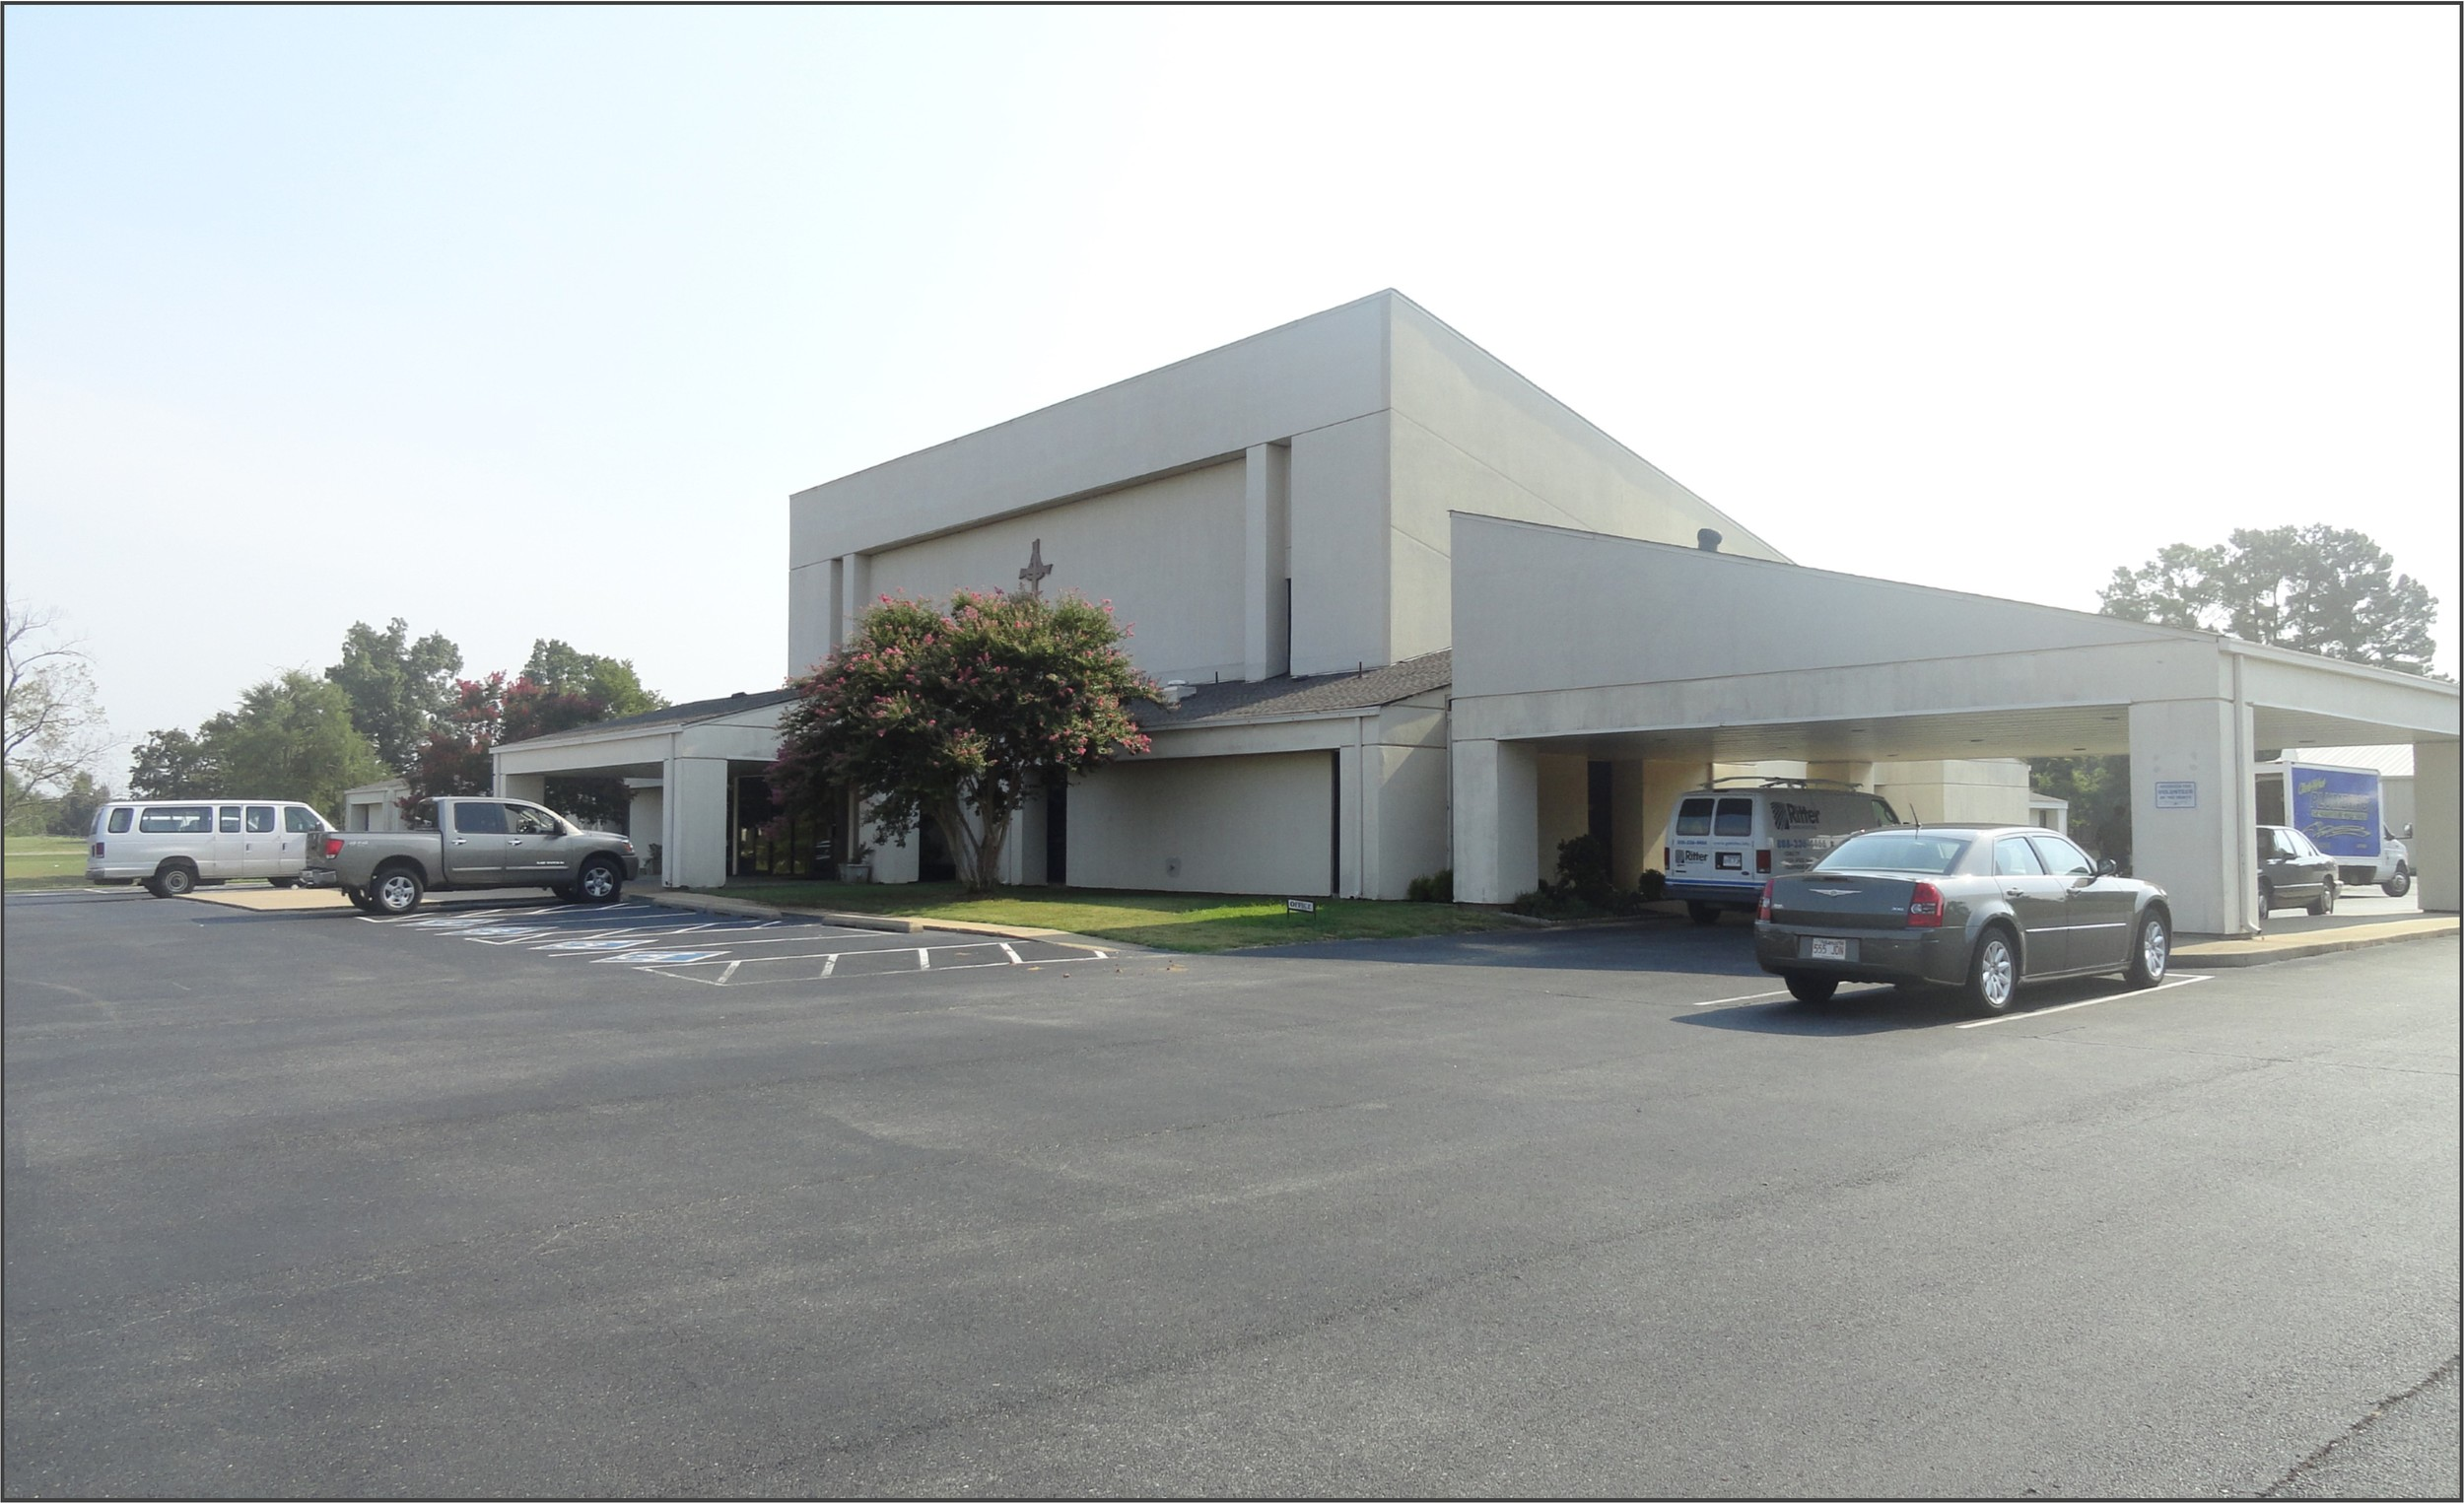 Trinity Baptist Church of Jonesboro